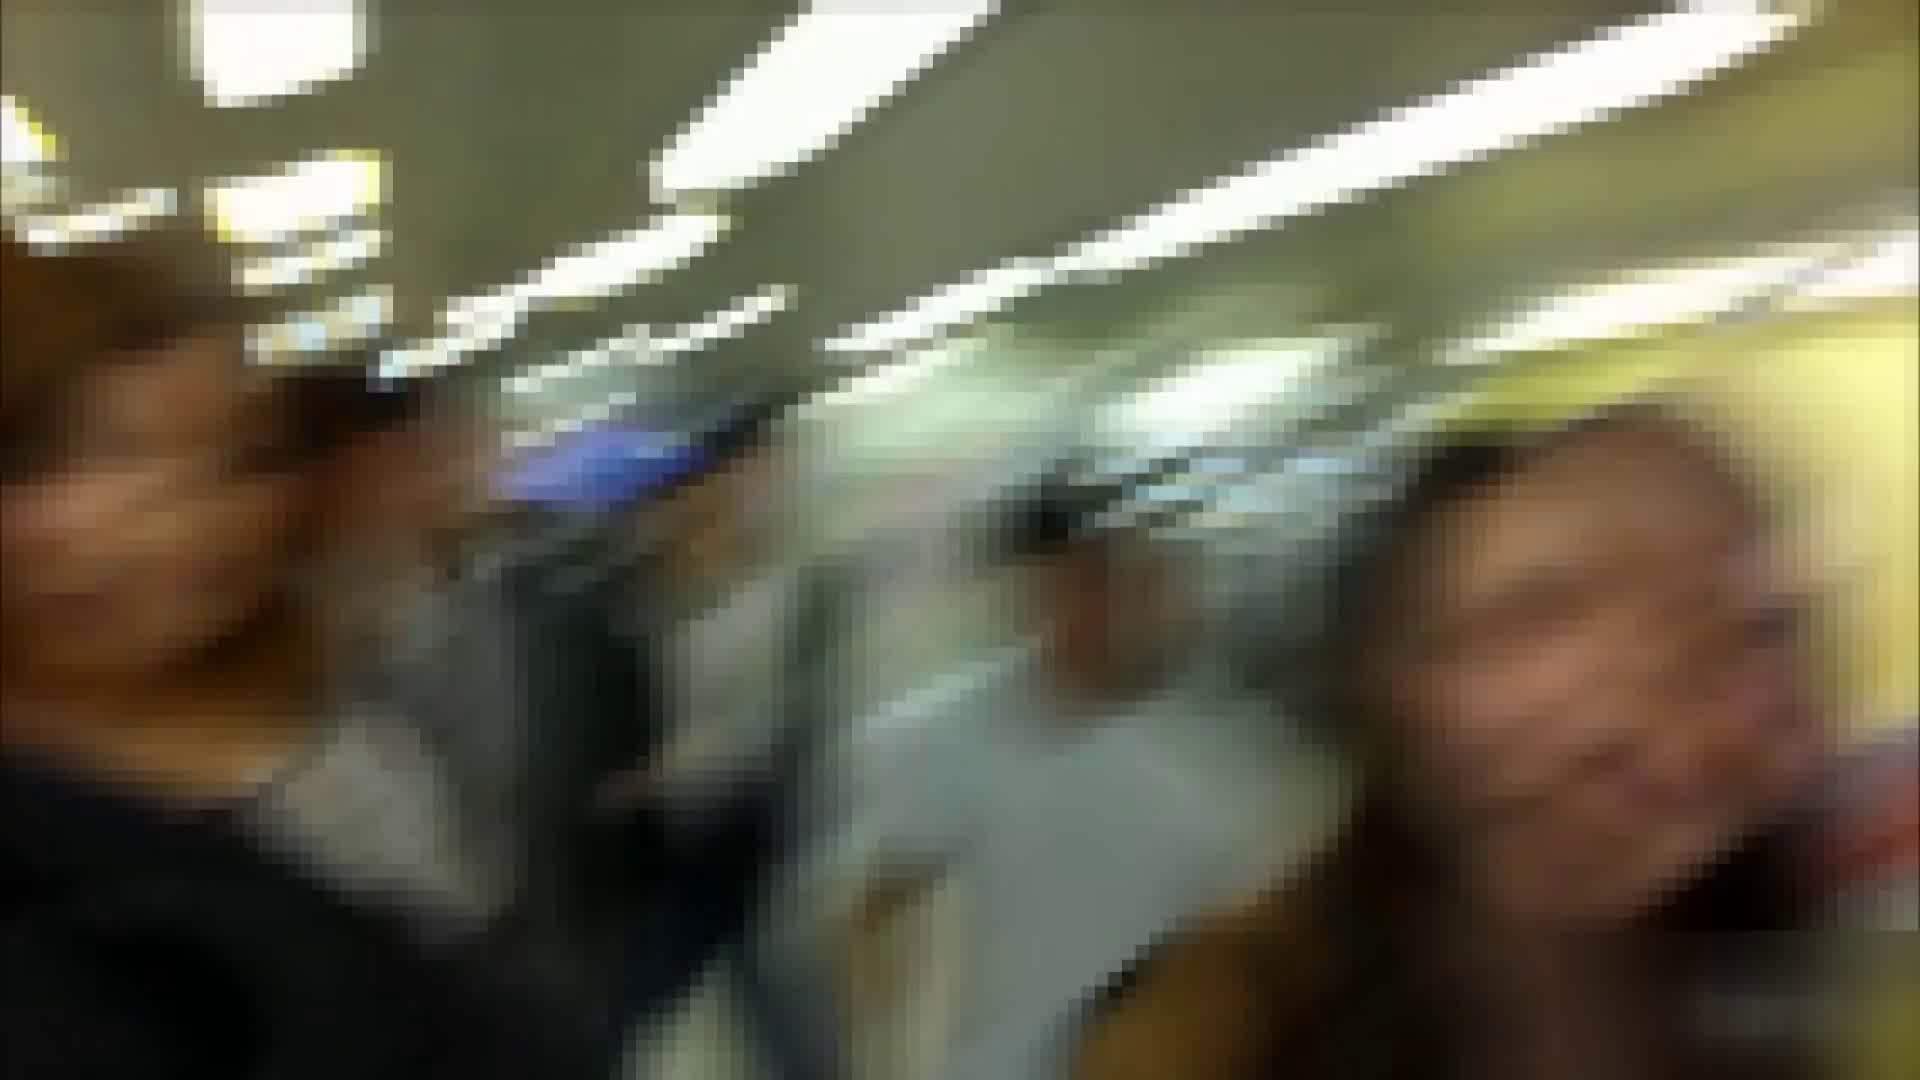 ガールズパンチラストリートビューVol.015 パンチラ オマンコ無修正動画無料 106PIX 47